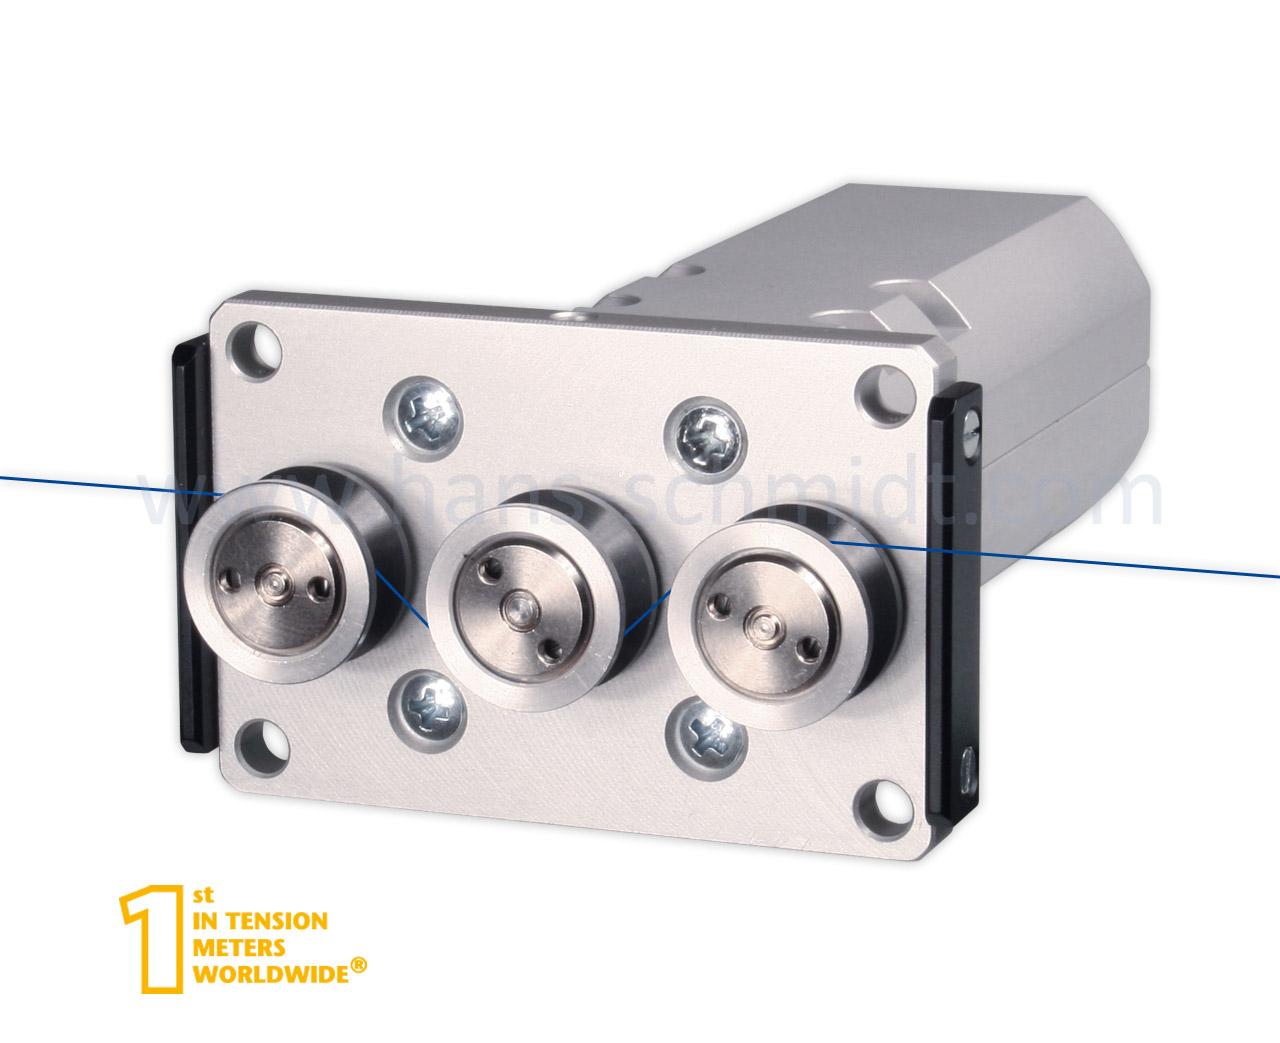 Zugspannungssensor FS1, stationär, elektronisch - Hans Schmidt